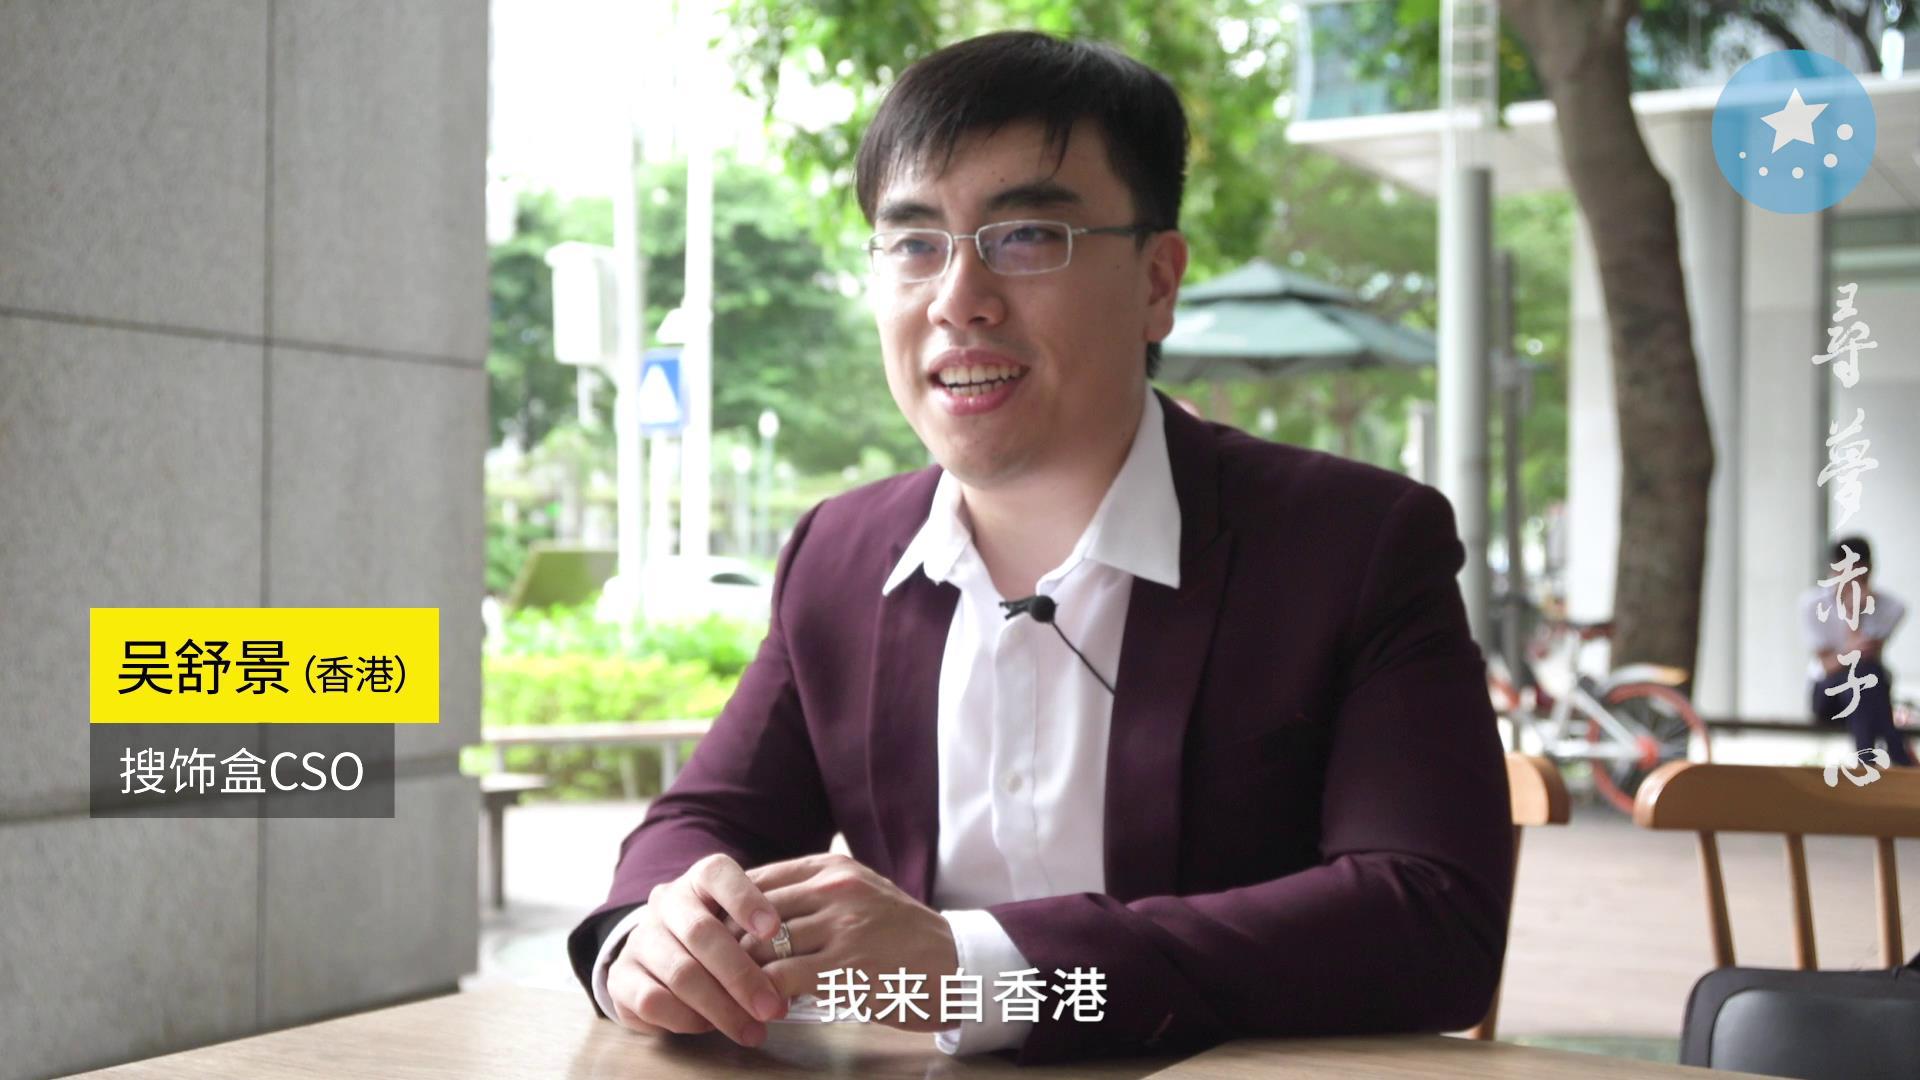 深圳城市變遷改變了他的人生軌跡圖片